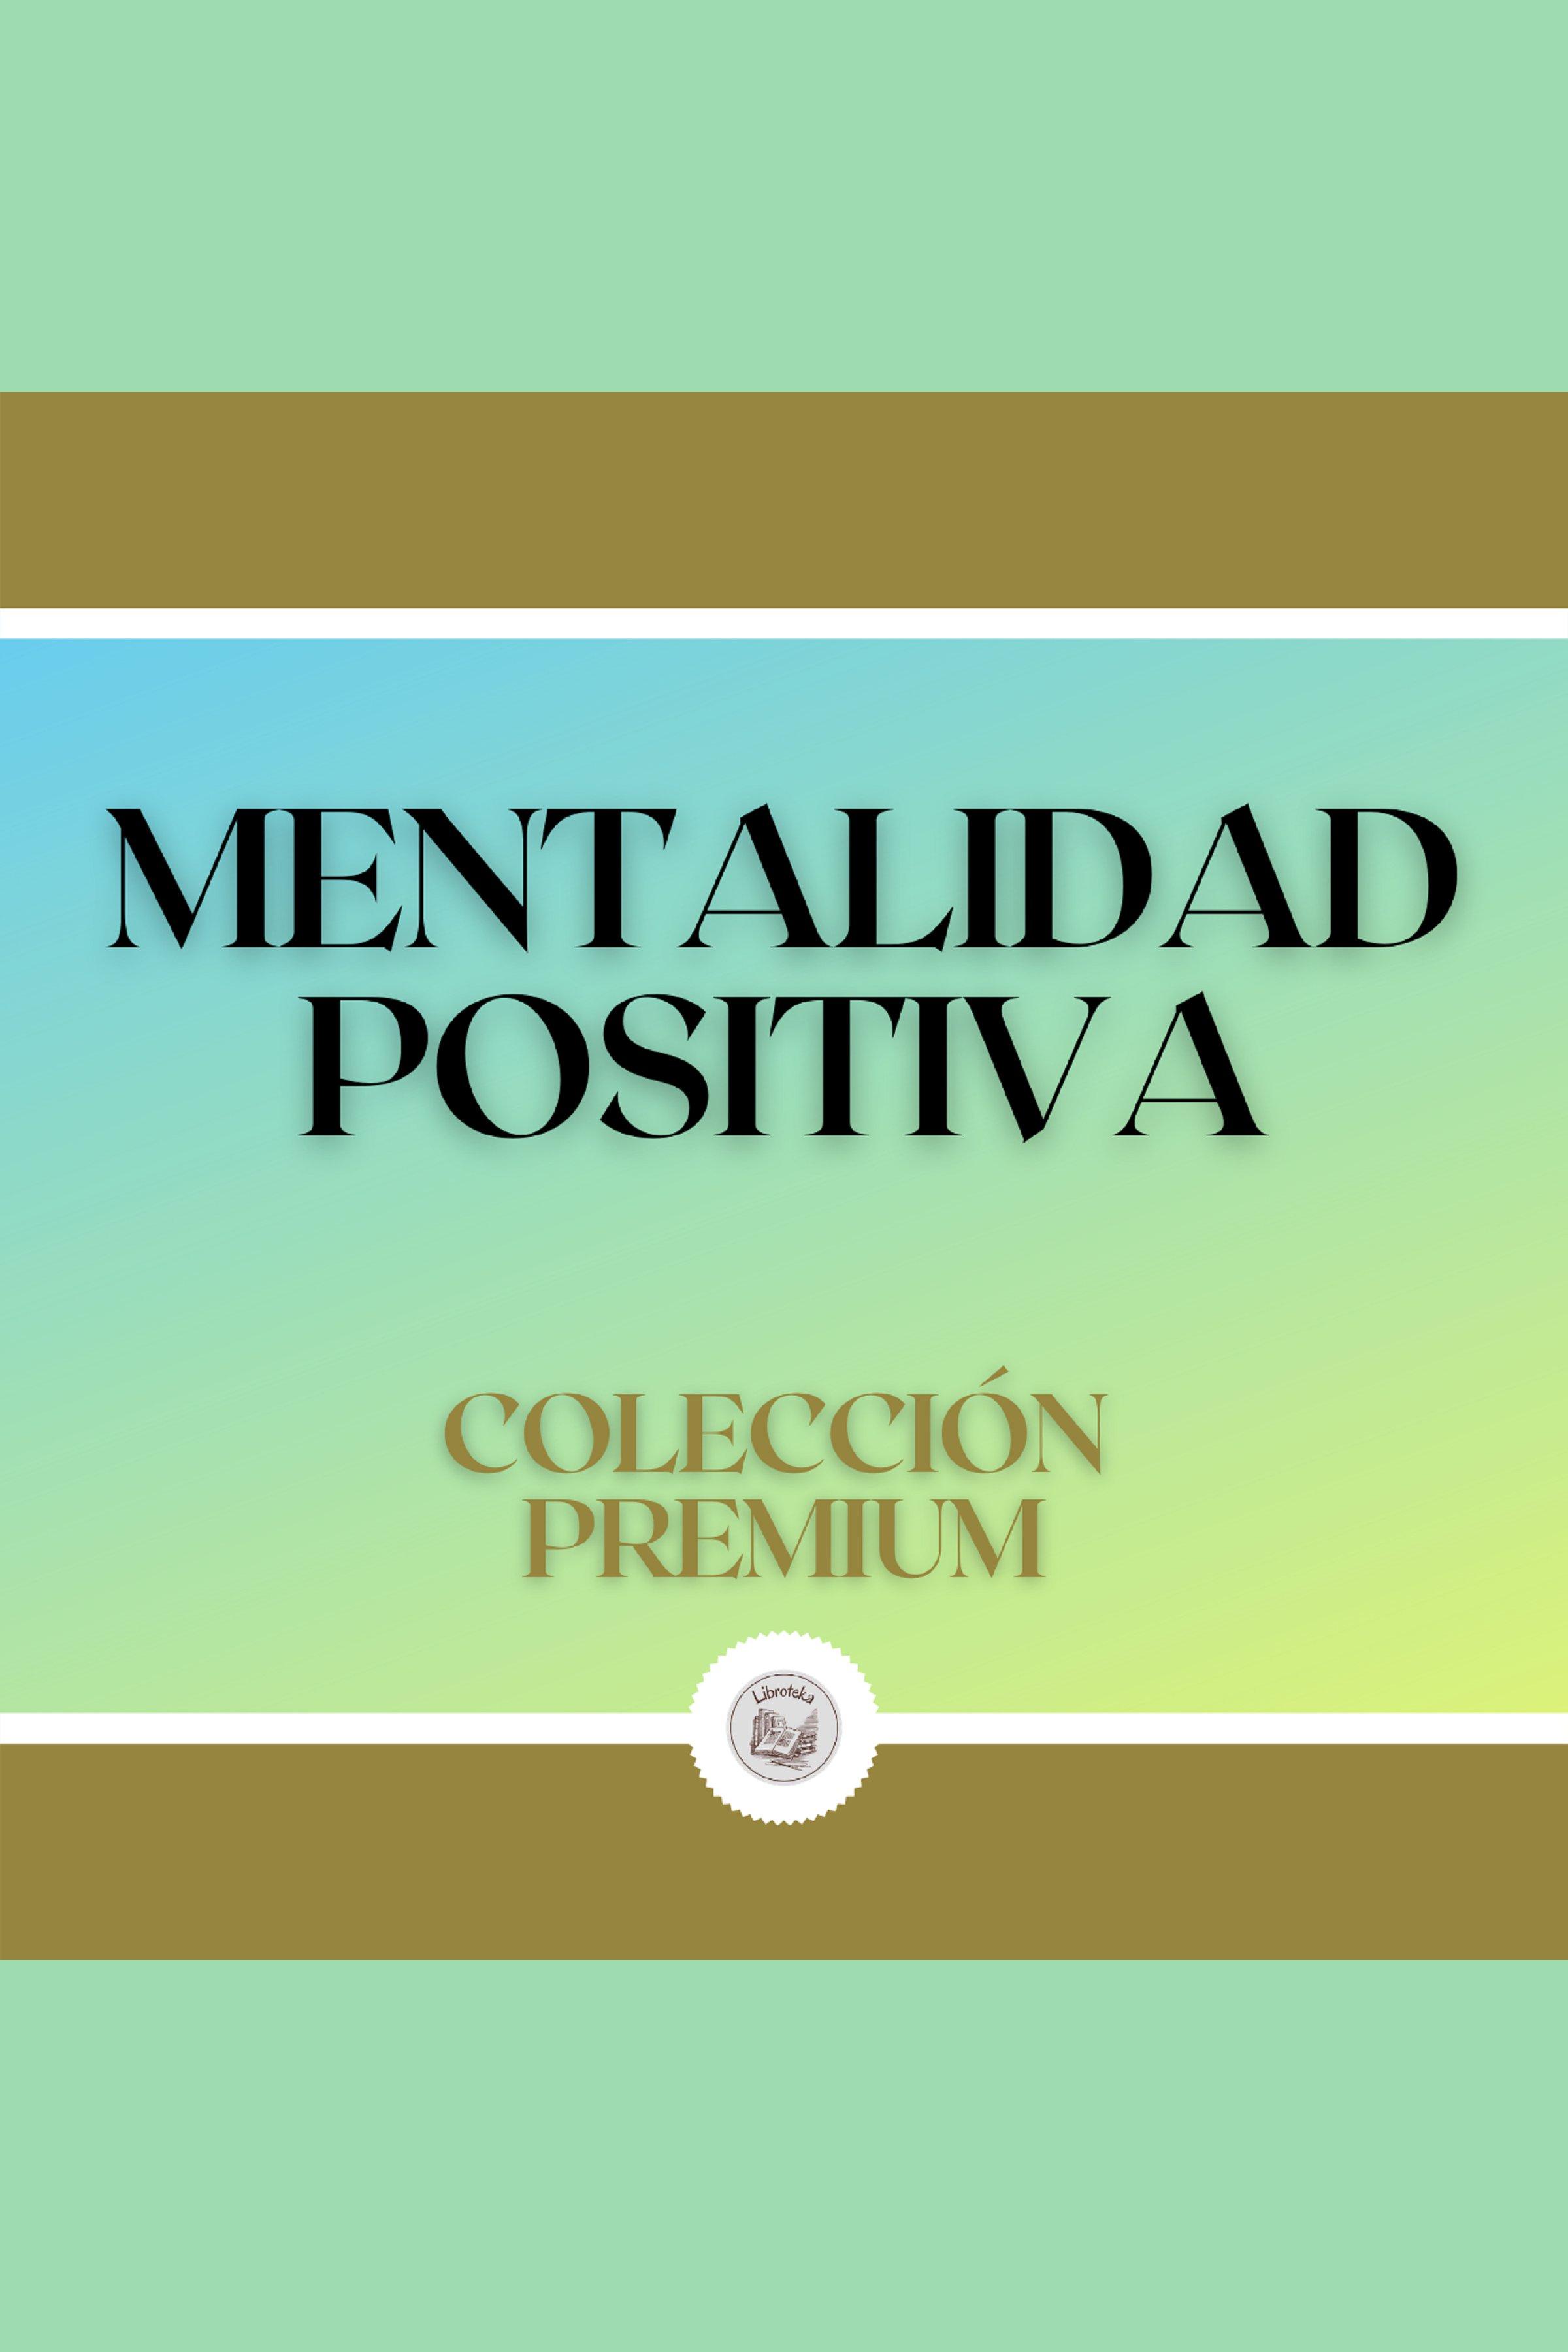 Esta es la portada del audiolibro Mentalidad Positiva: Colección Premium (3 Libros)